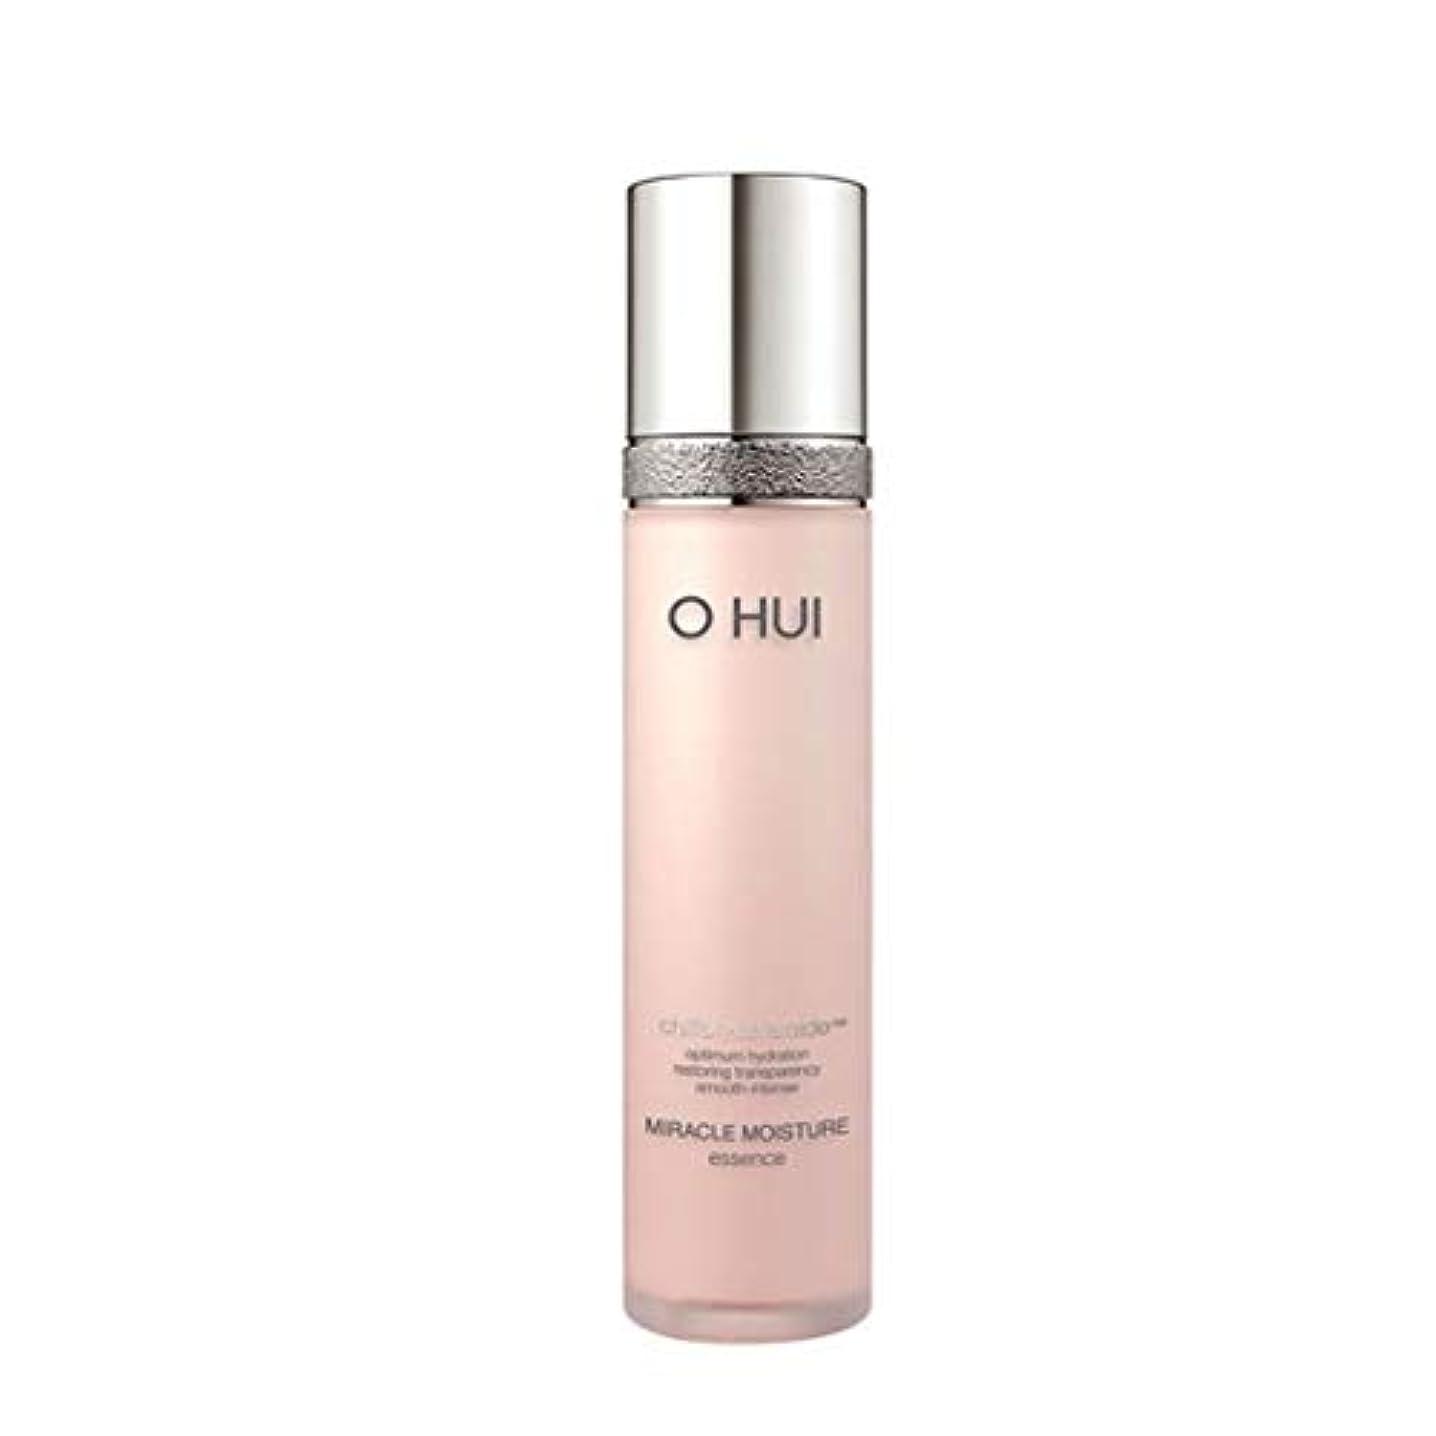 説明独立してやさしいオフィミラクルモイスチャーエッセンス45ml韓国コスメ、O Hui Miracle Moisture Essence 45ml Korean Cosmetics [並行輸入品]